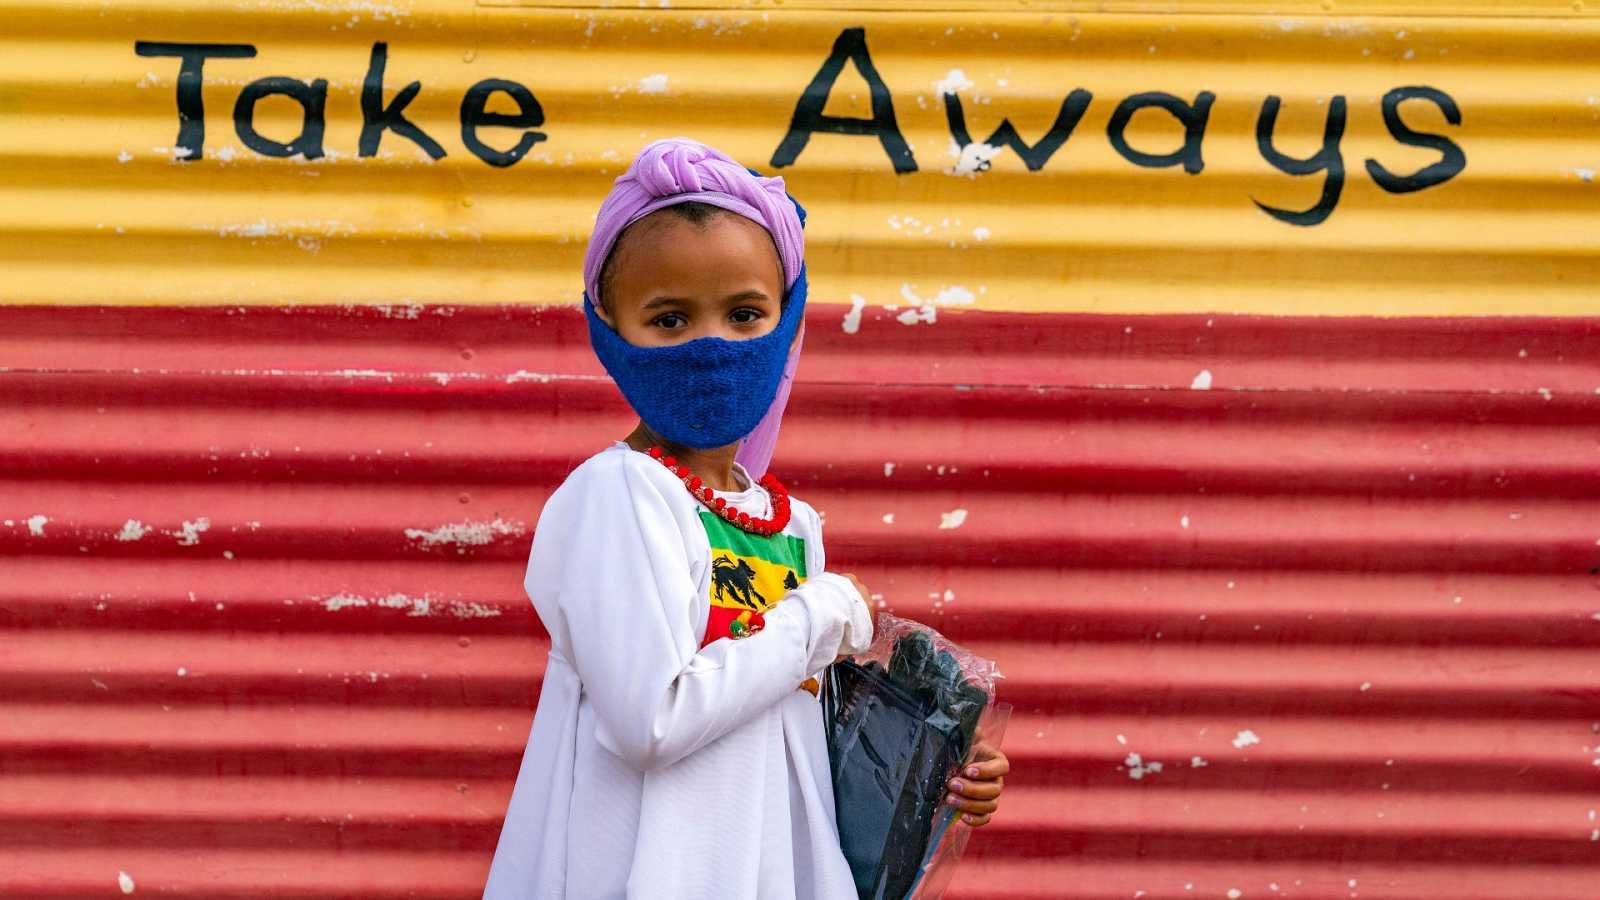 La pandemia hace a las niñas más vulnerables a todo tipo de abusos en el mundo